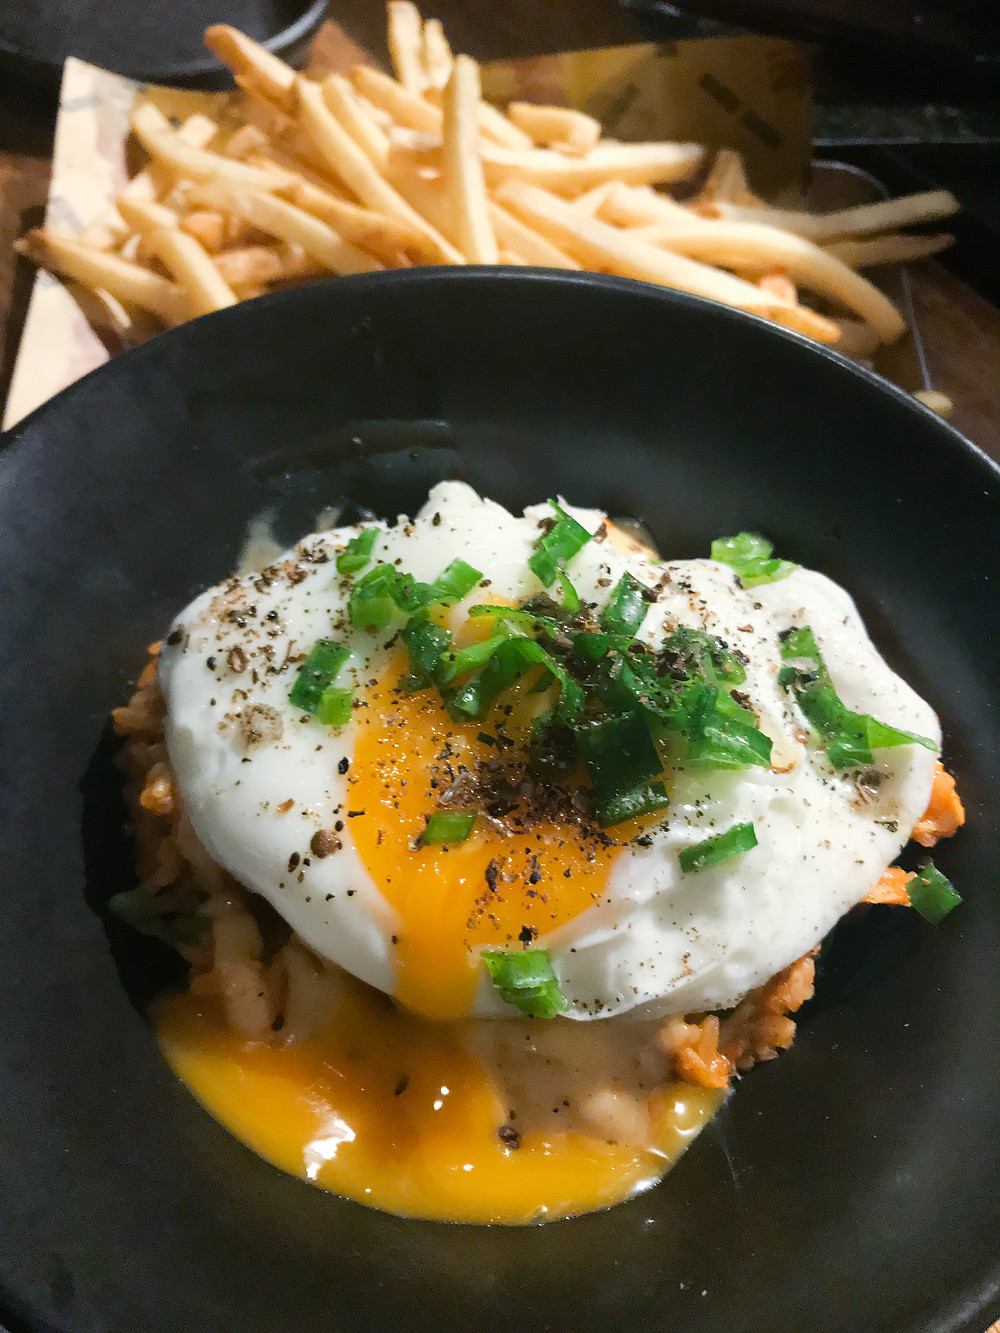 Food at MEATS restaurant by Pirata Group in Soho Hong Kong